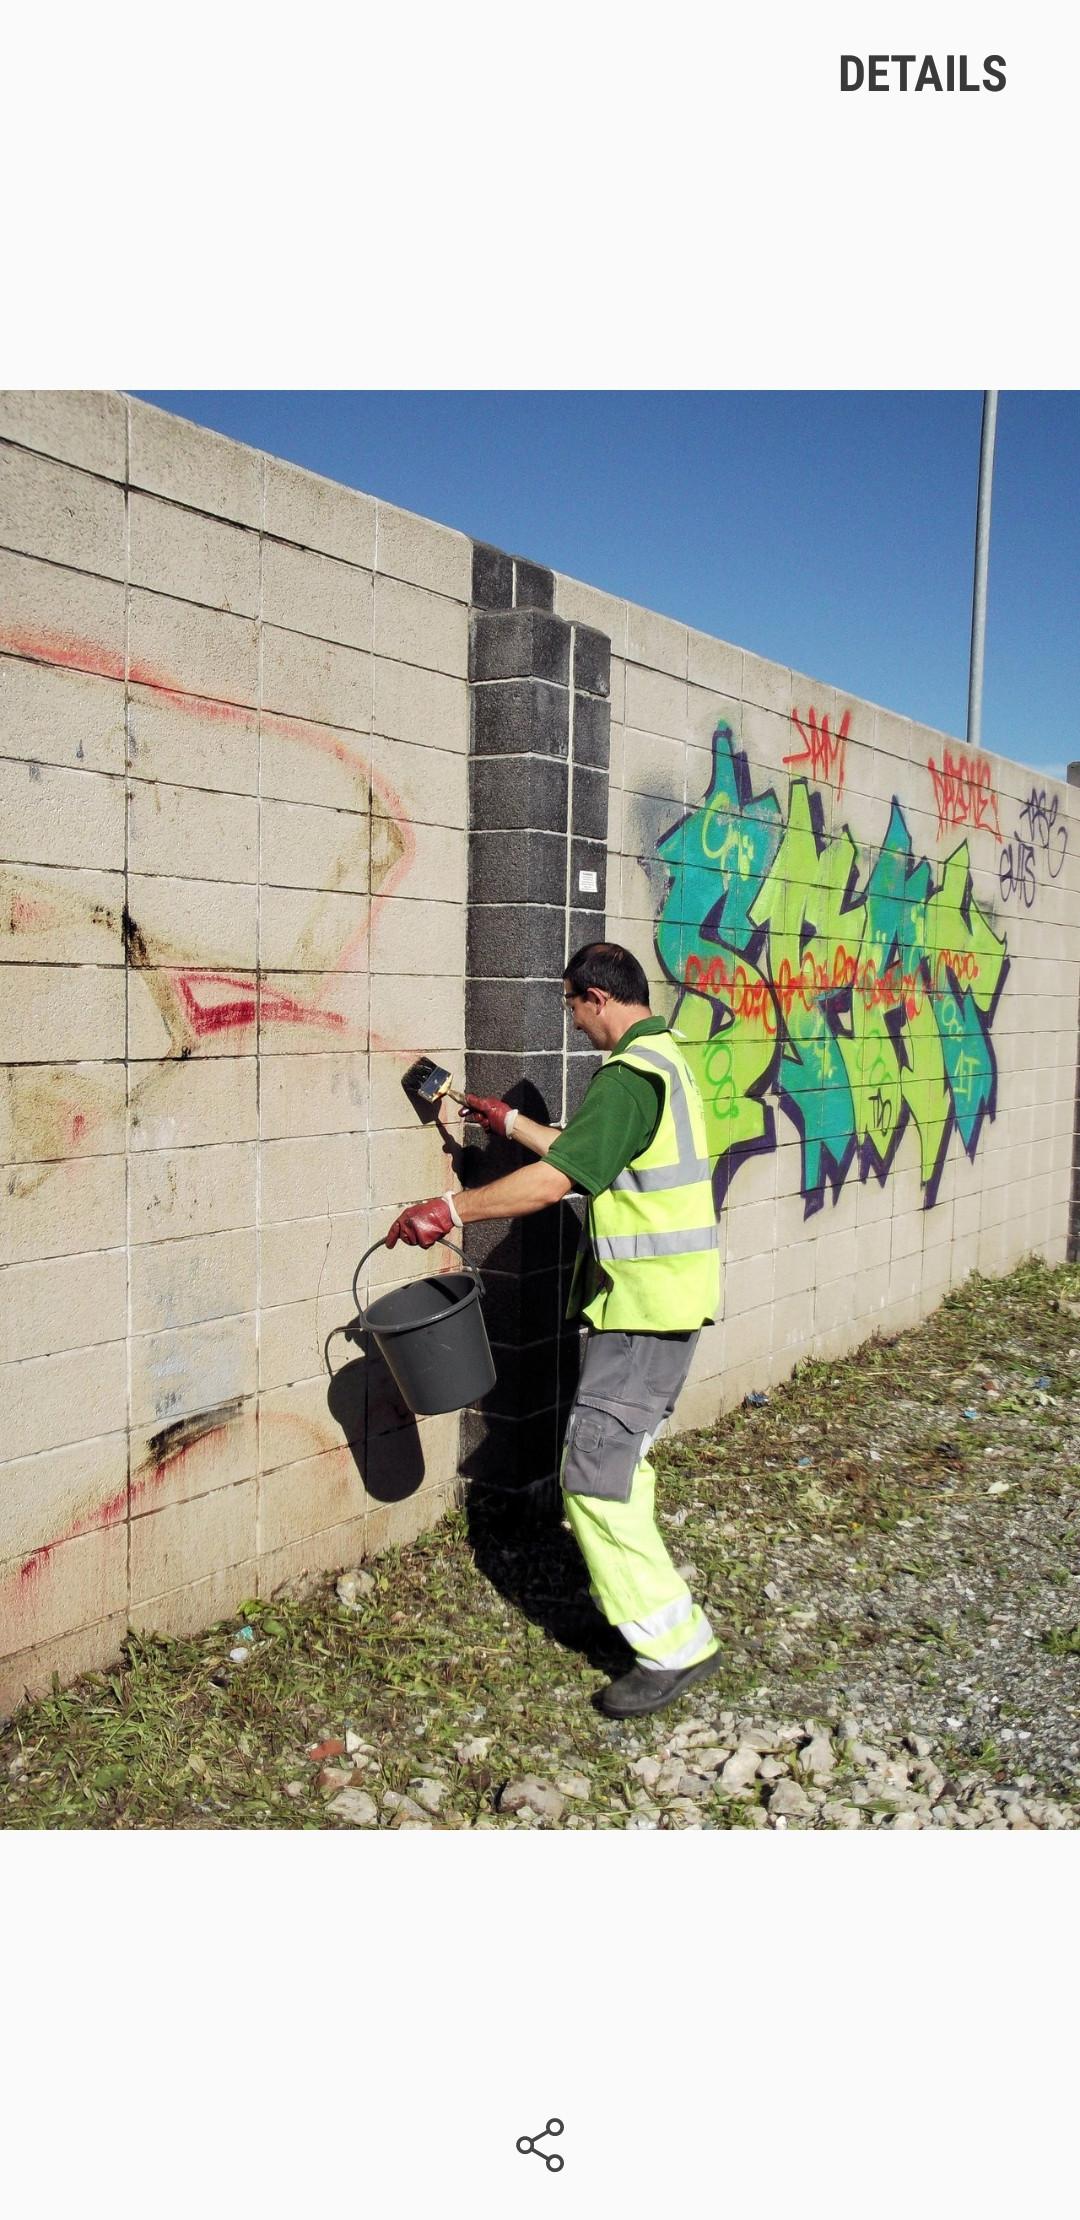 Graffiti Removal Service        9